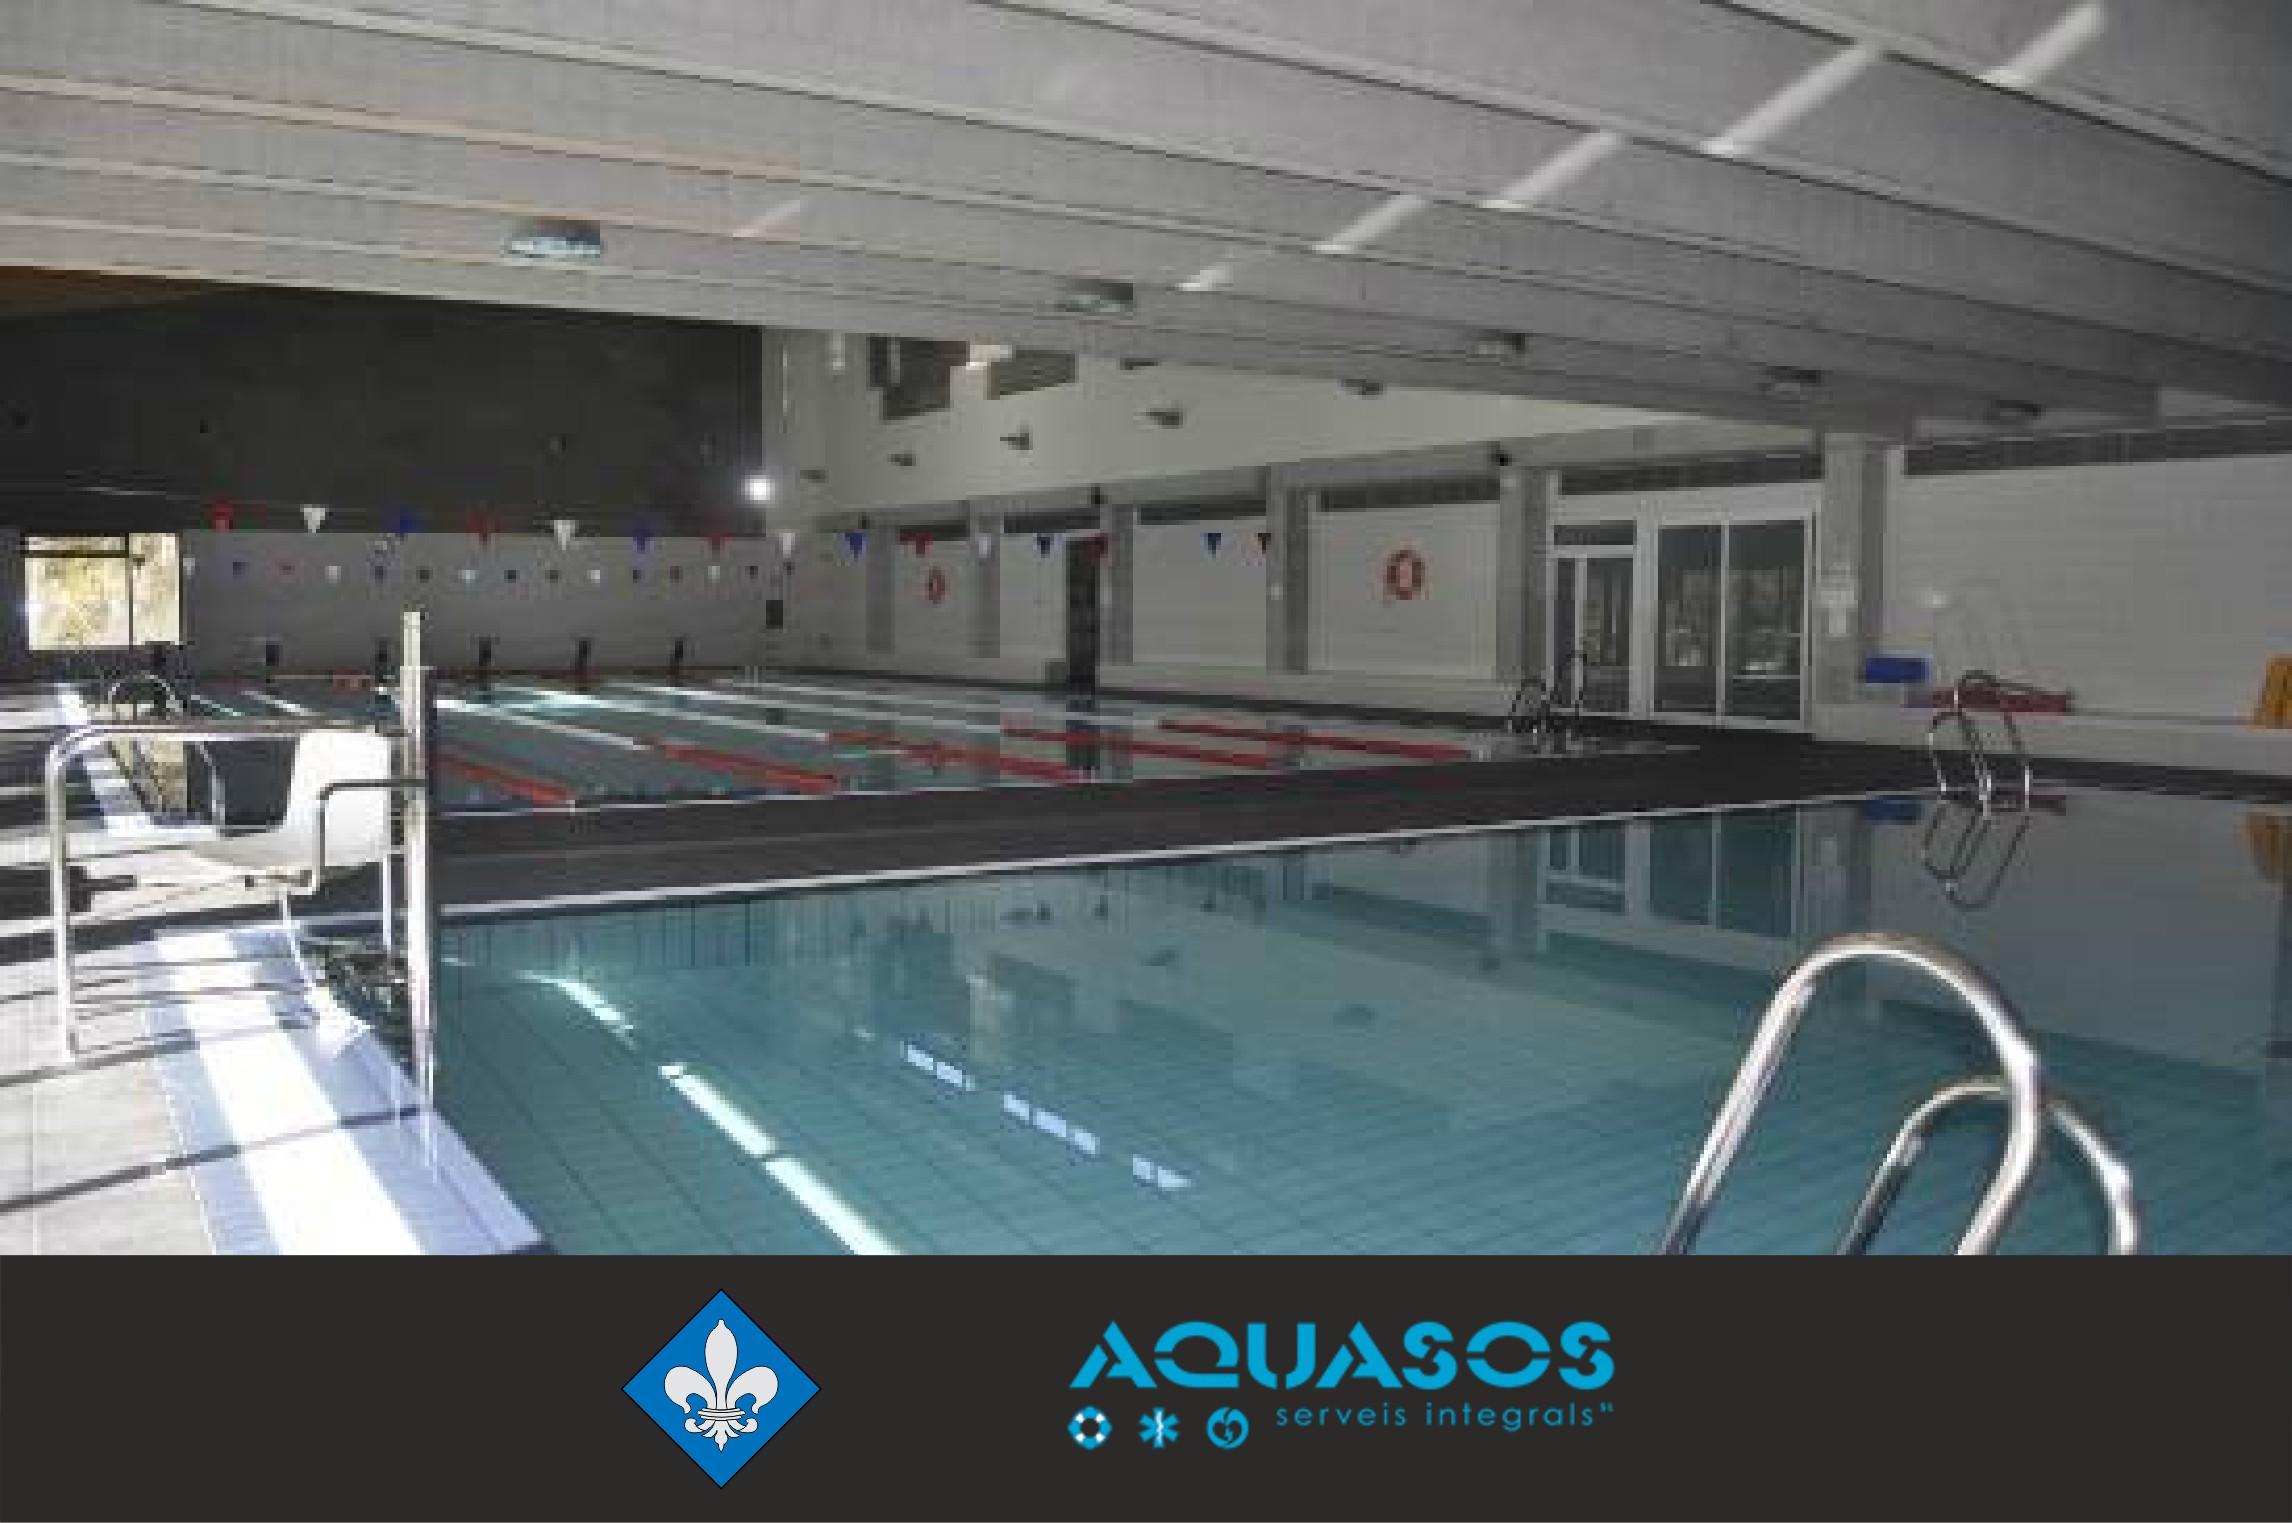 Aquasos guanya el concurs del servei de salvament i socorrisme i del monitoratge de la piscina de El Pont de Suert